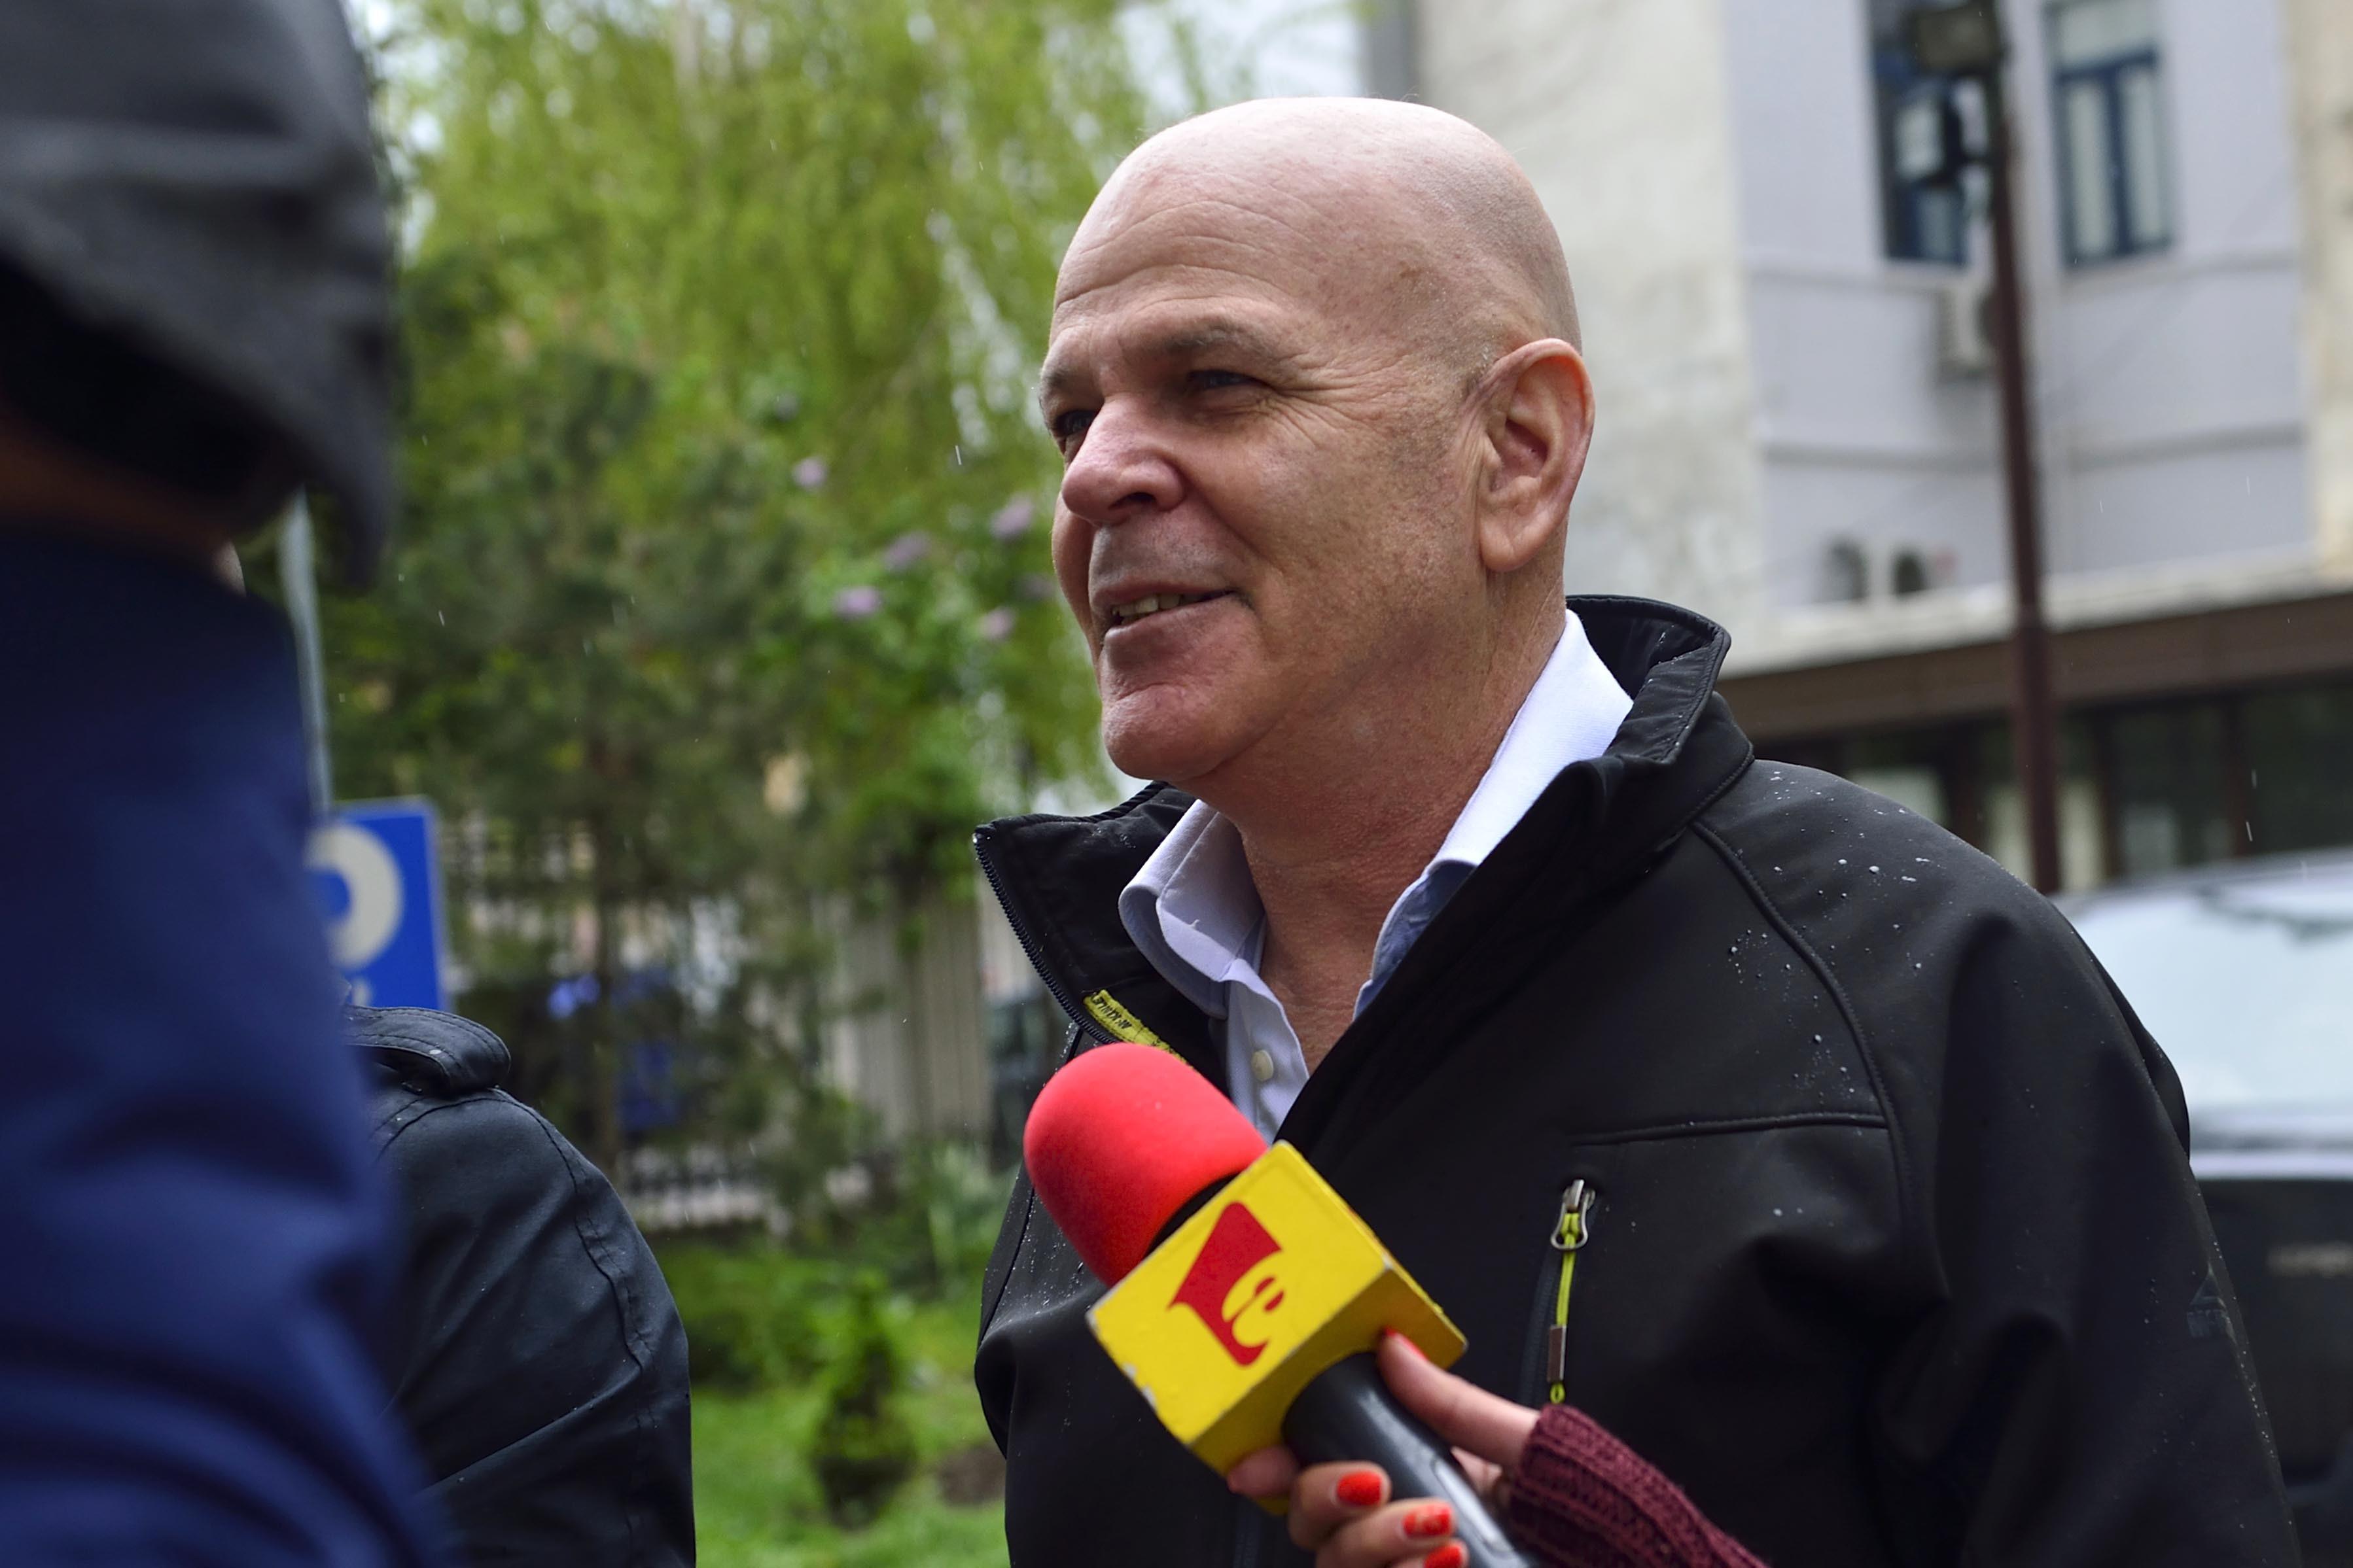 Omul de afaceri Avraham Morgenstern, condamnat la opt ani de închisoare pentru evaziune. Decizia este definitivă